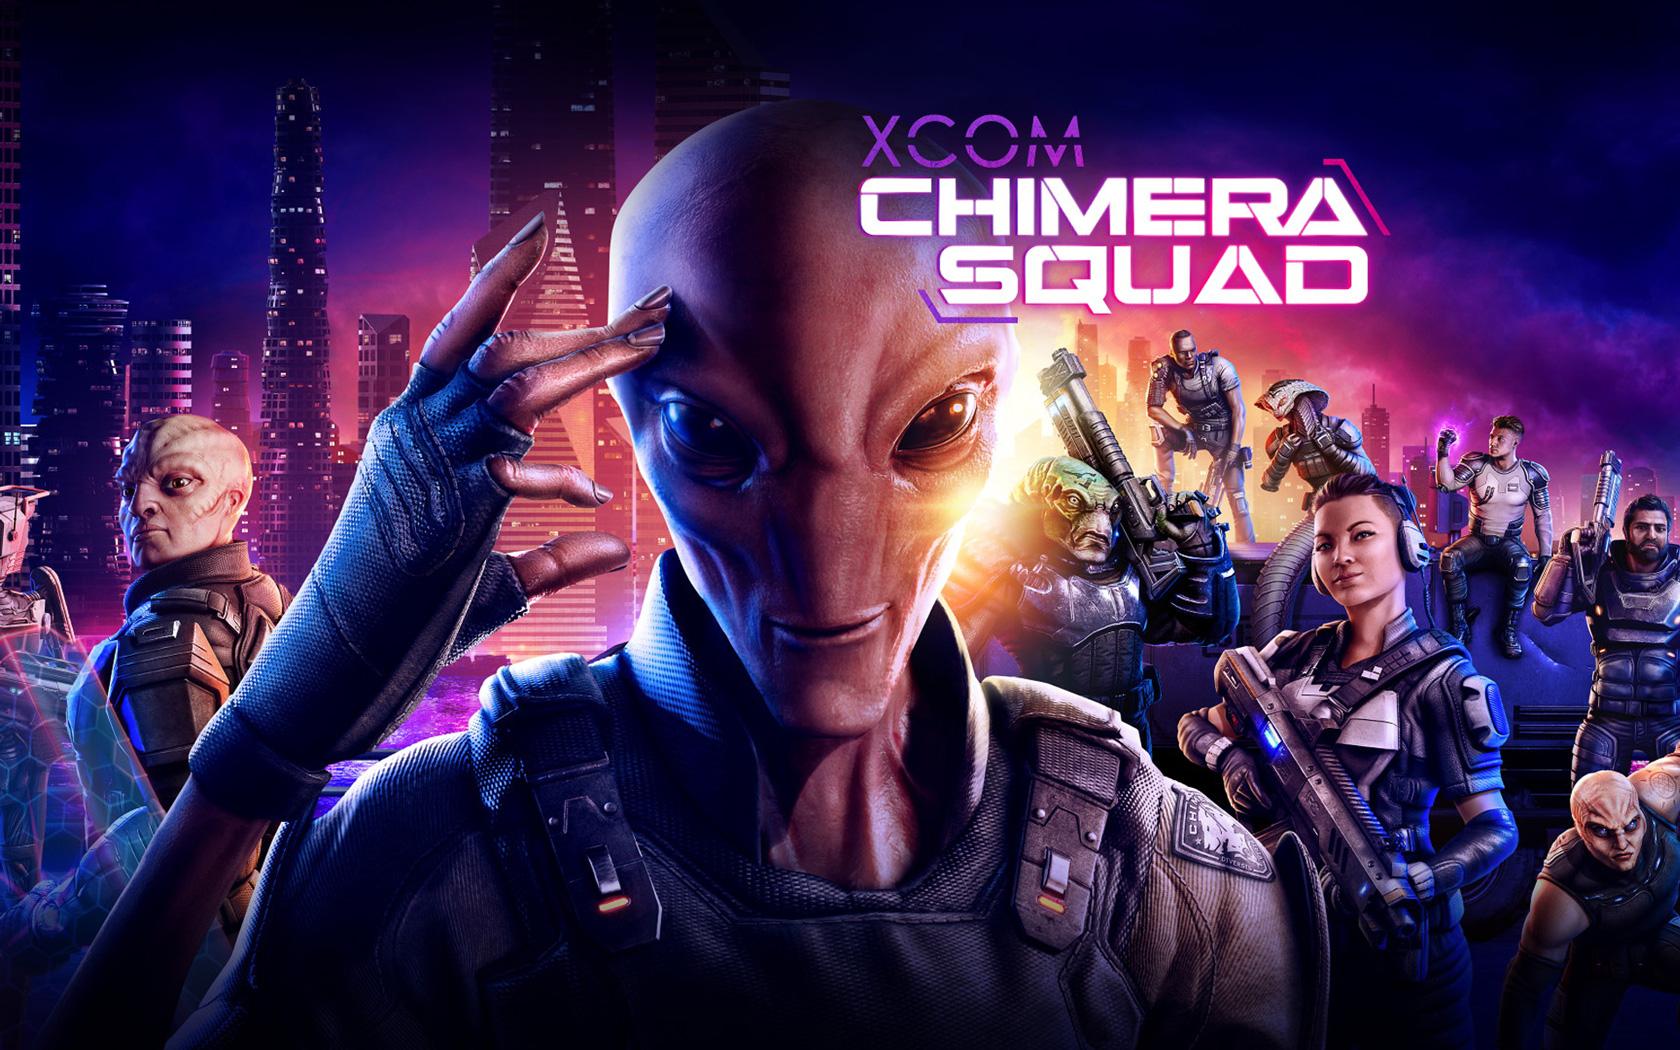 Free XCOM: Chimera Squad Wallpaper in 1680x1050